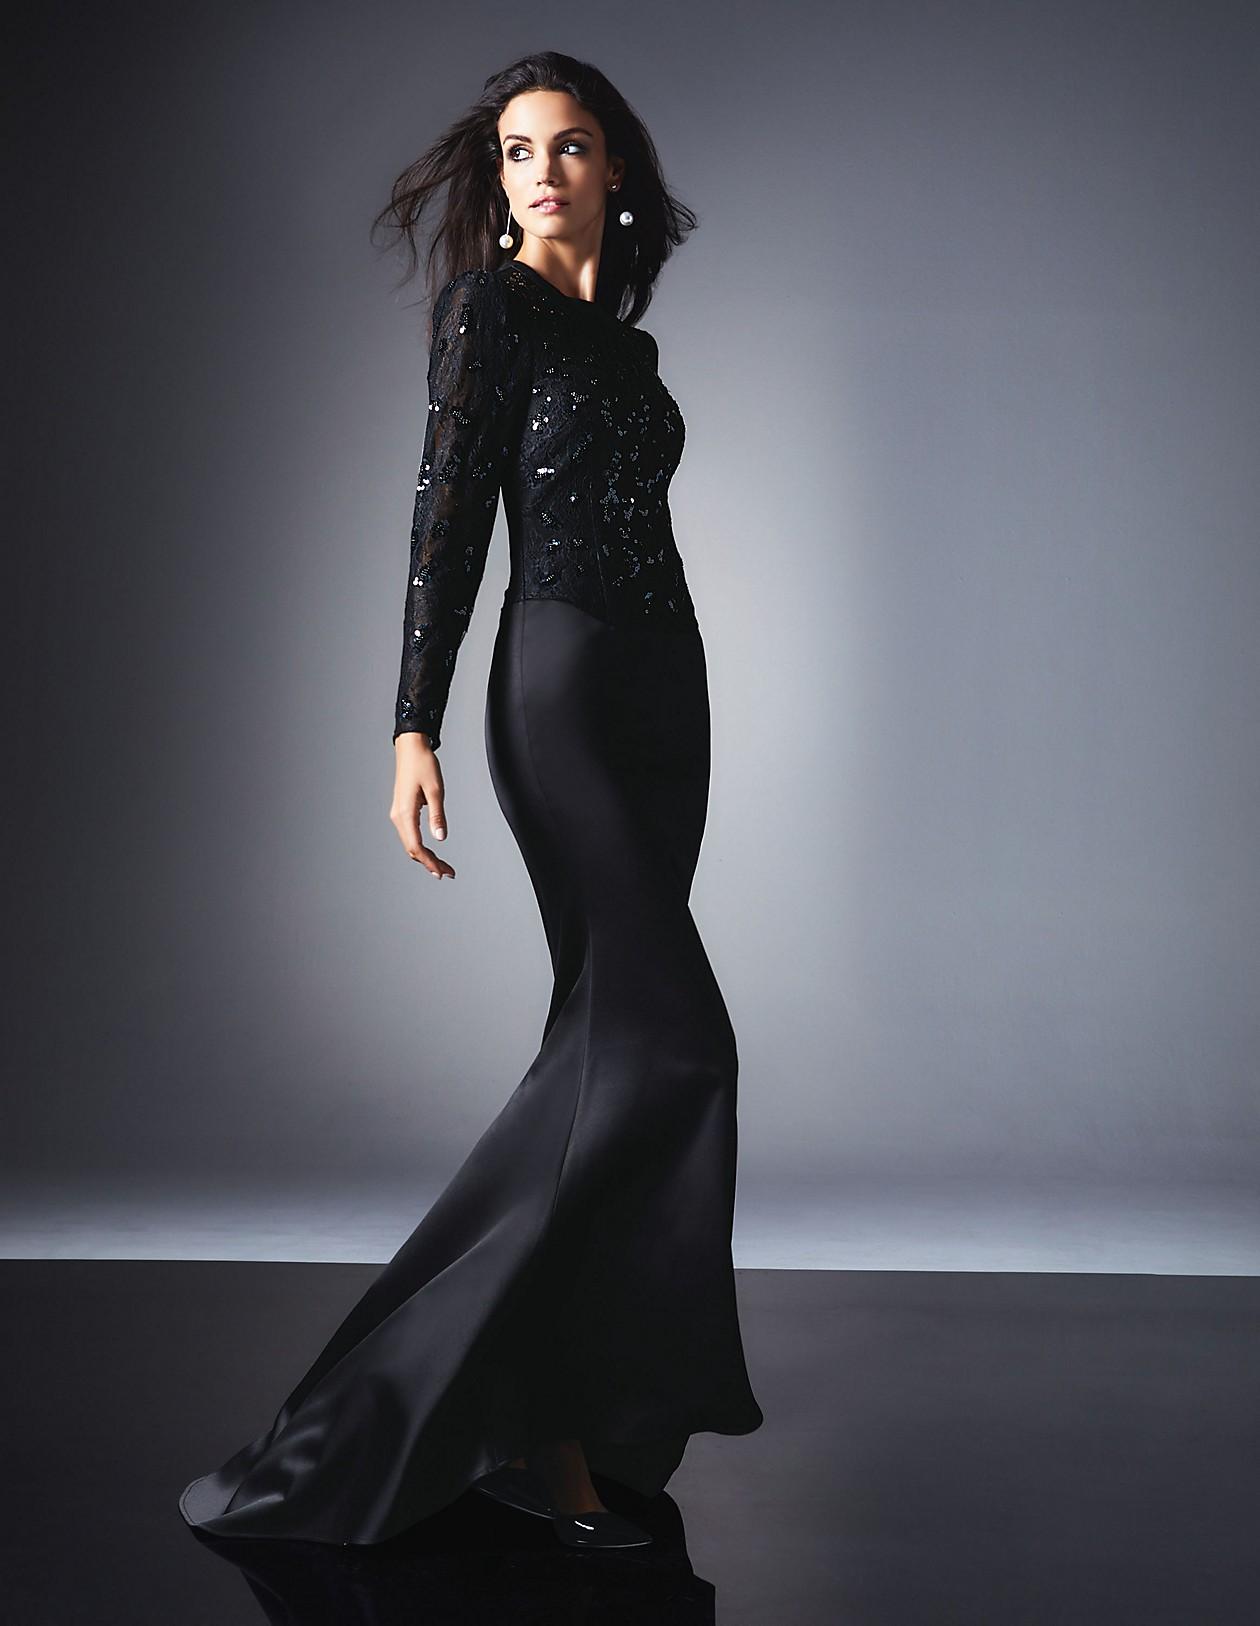 Langes Abendkleid mit Schleppe und glanzvollem Oberteil, schwarz